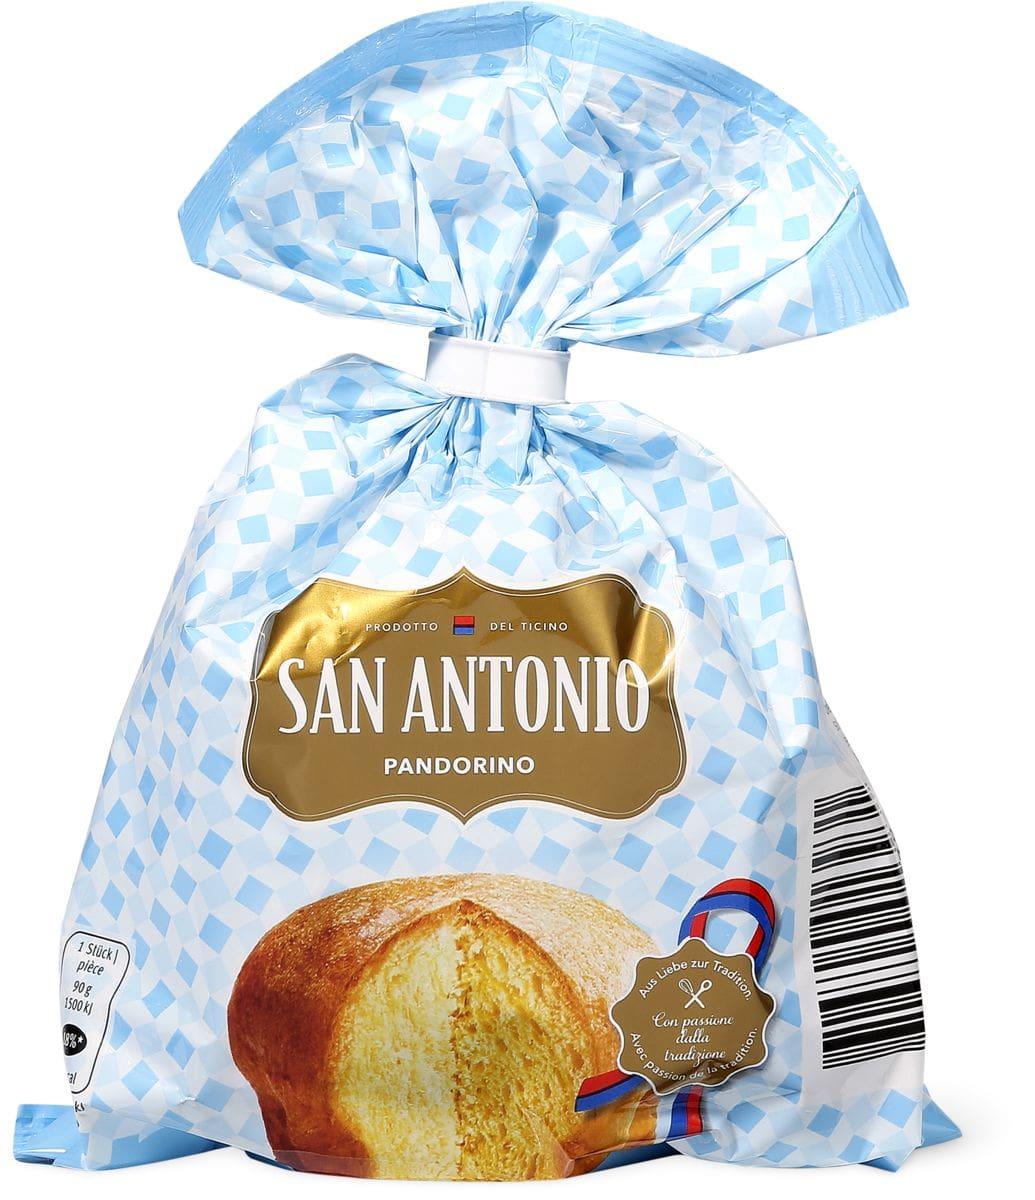 San Antonio Pandorino